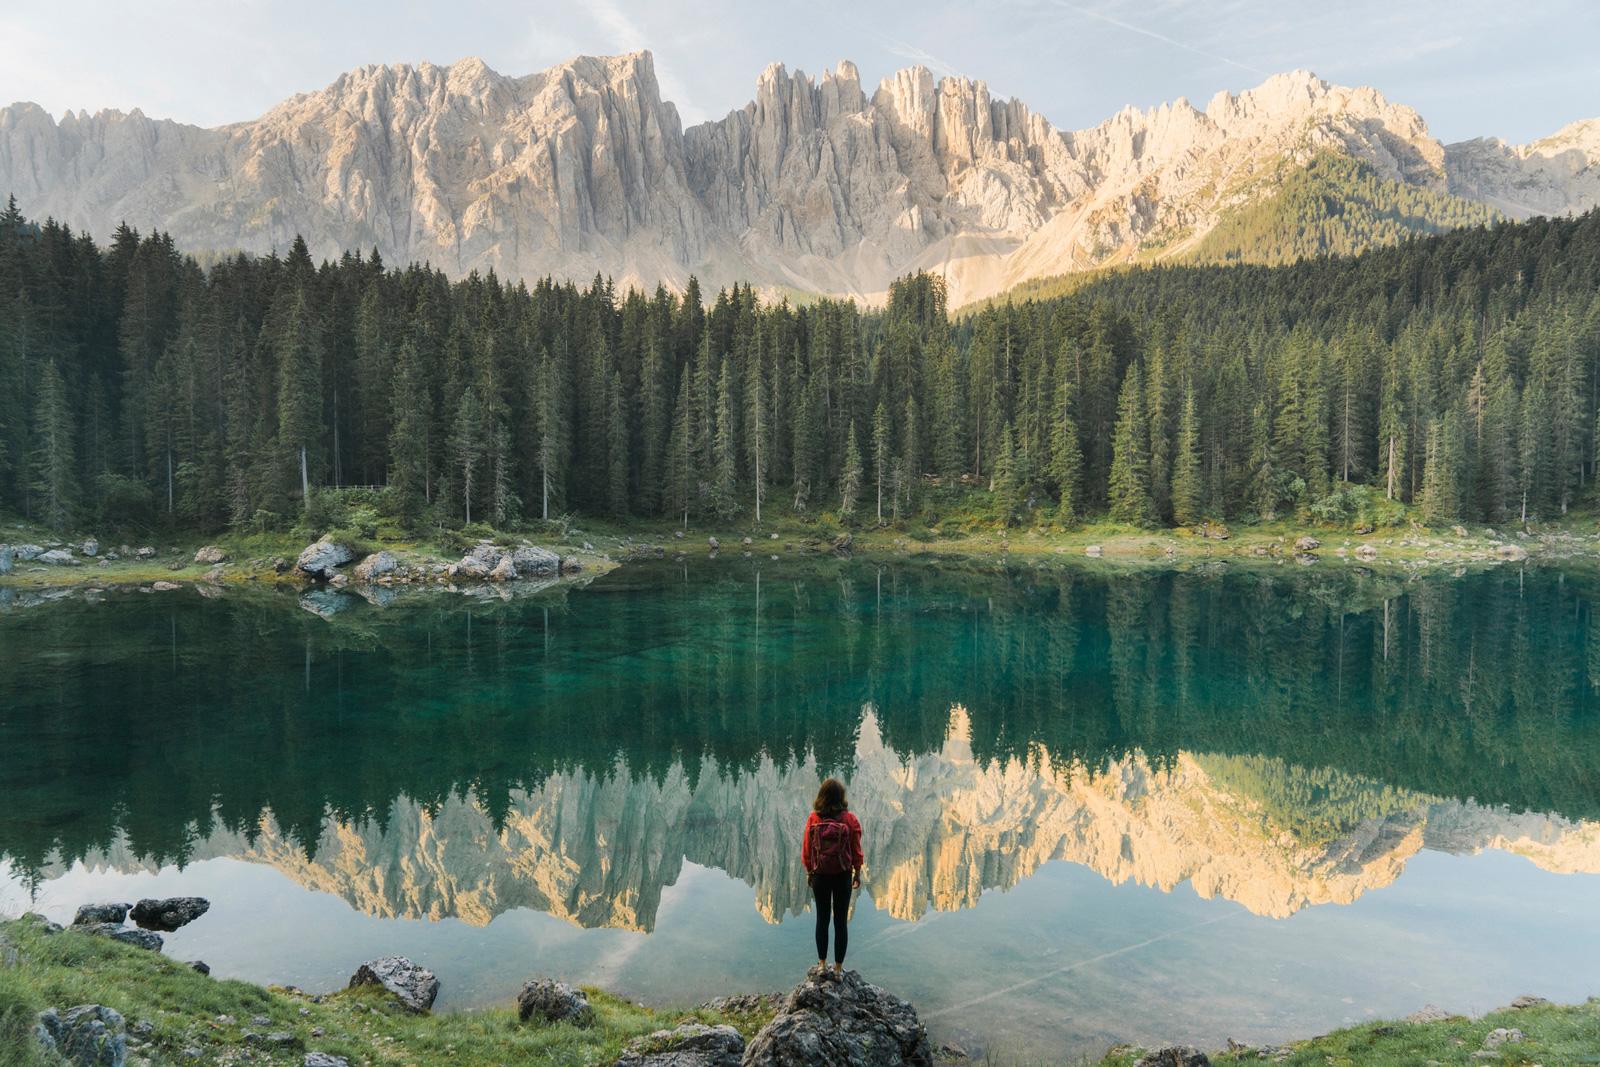 Urlaubsziel vor der Haustür: Lago di Carezza in den Dolomiten